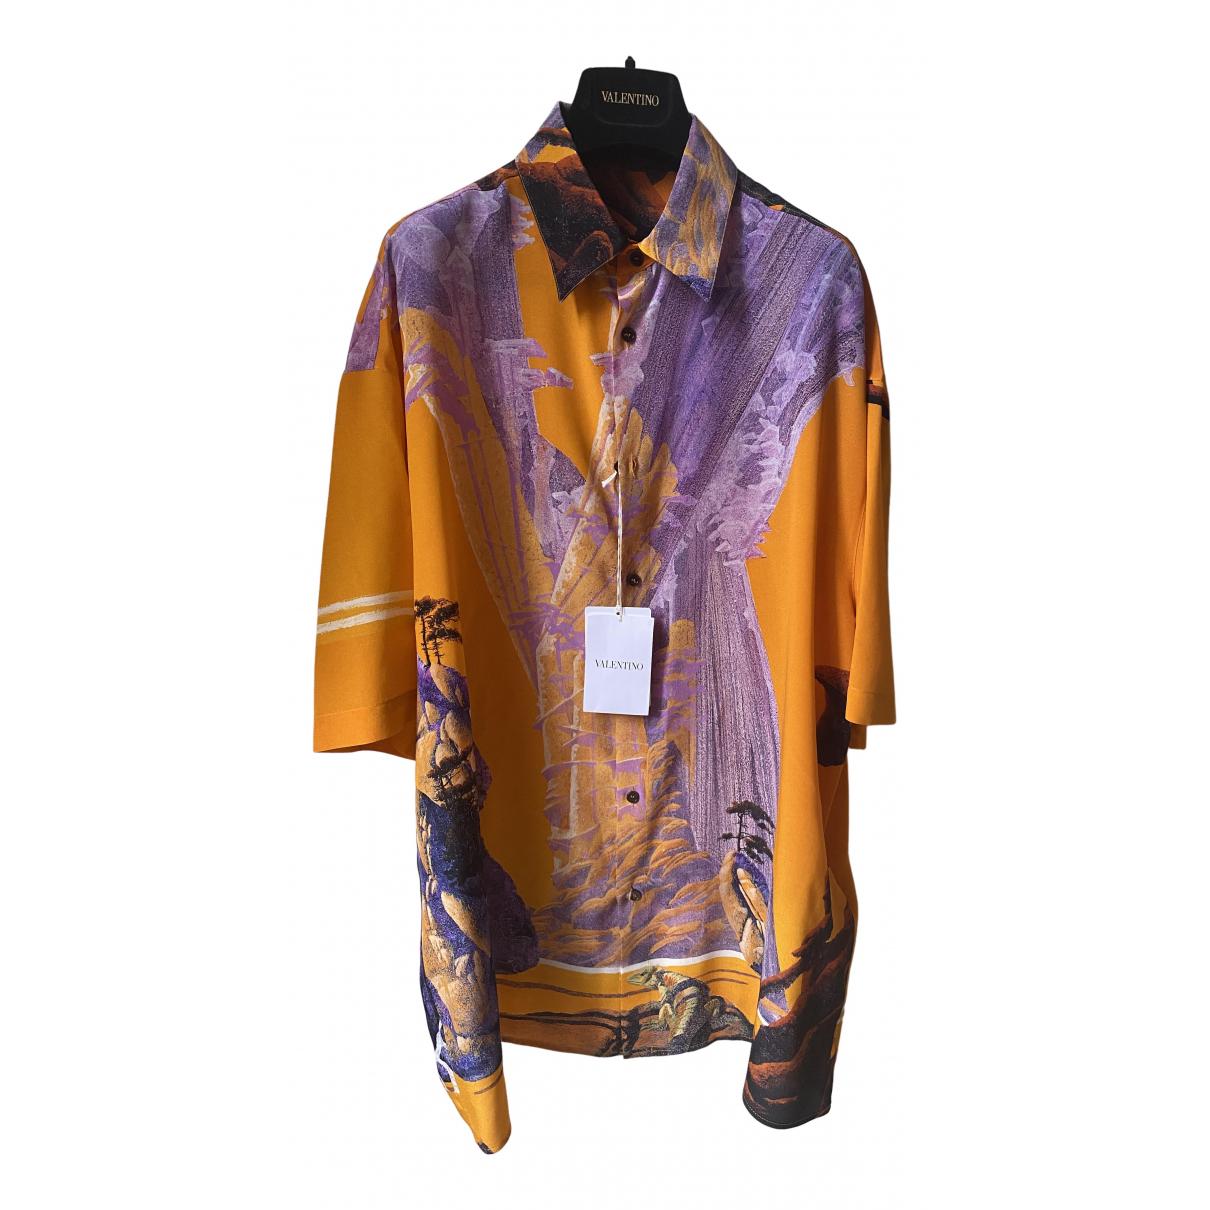 Camisas de Seda Valentino Garavani